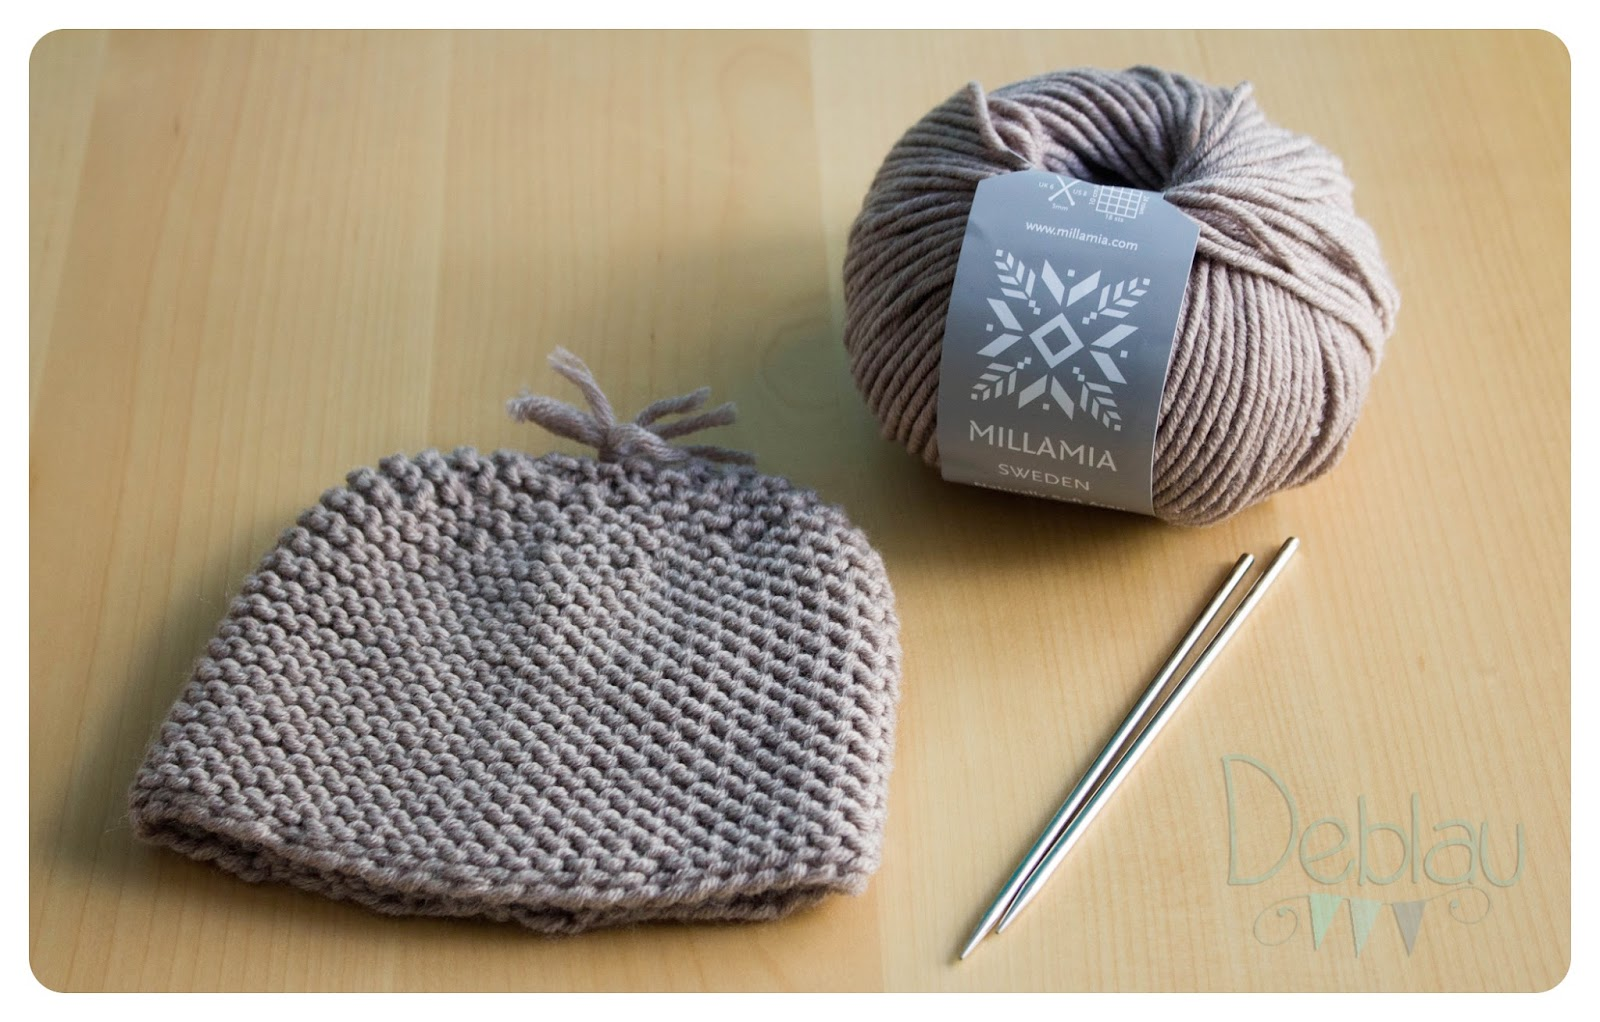 Deblau: Gorros tejidos para recién nacidos